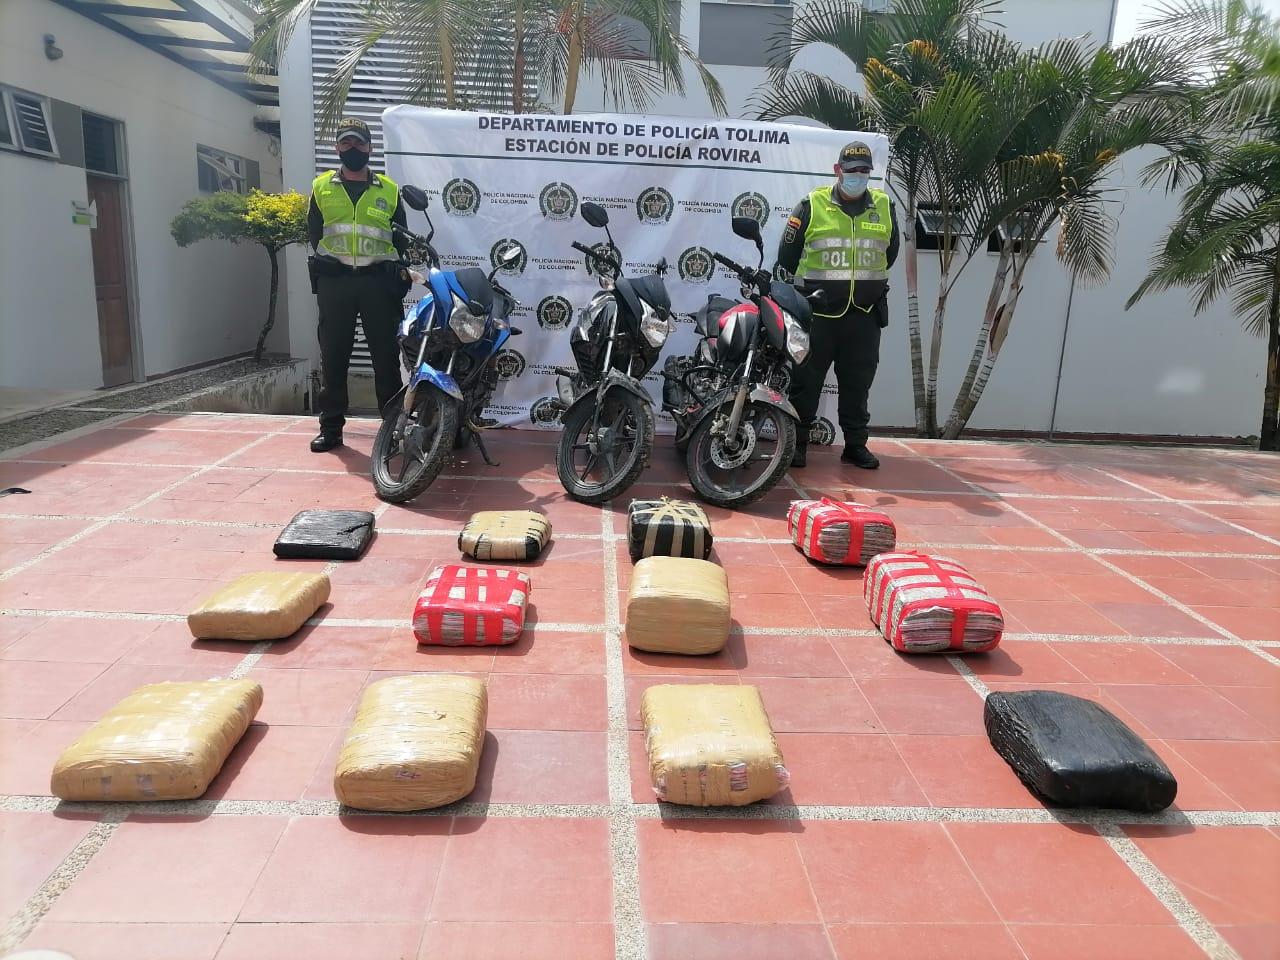 Policía incautó tres motos y 81 kilos de marihuana en Valle de San Juan